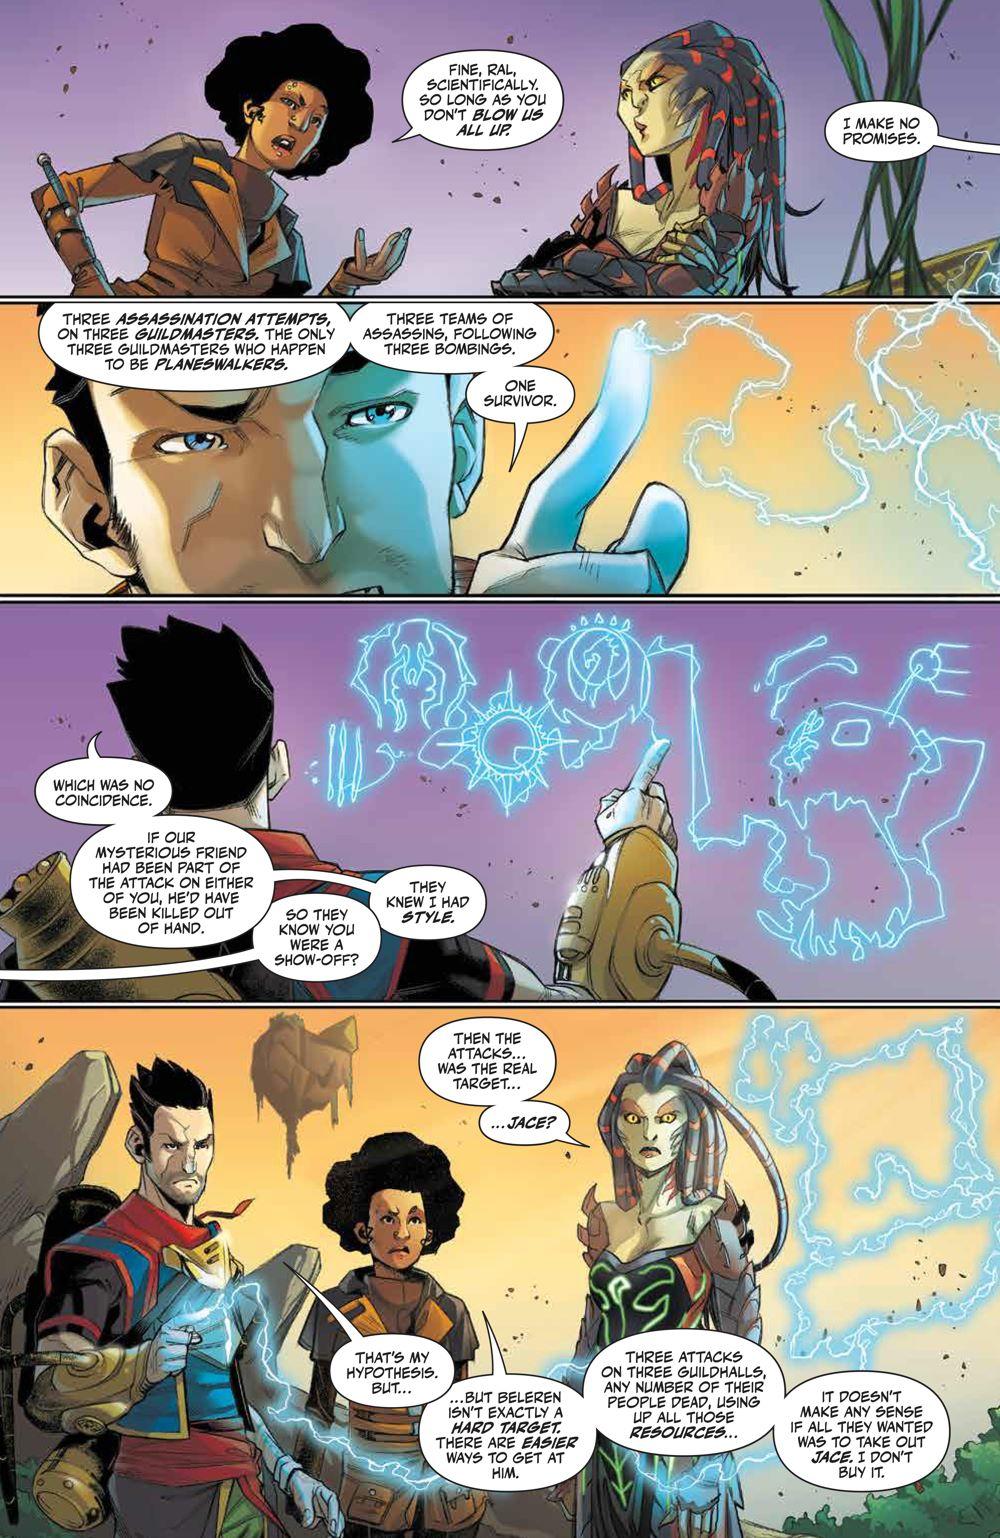 Magic_002_PRESS_4 ComicList Previews: MAGIC #2